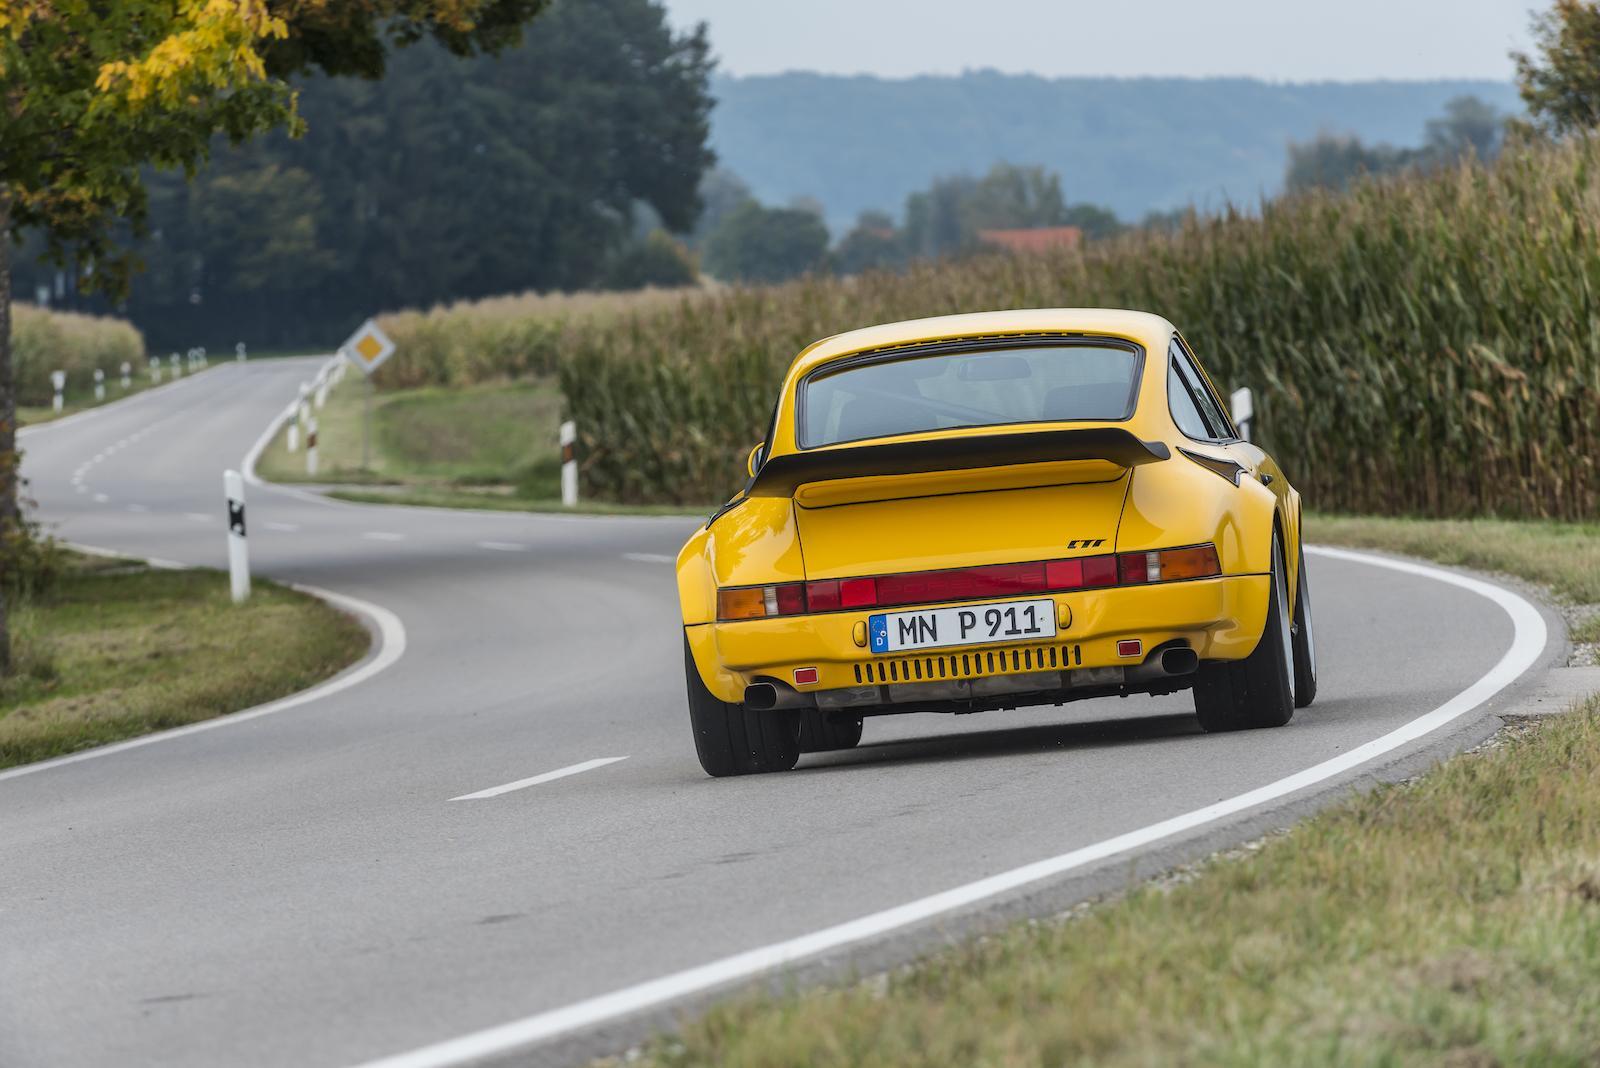 RUF's Yellowbird Porsche flies again!